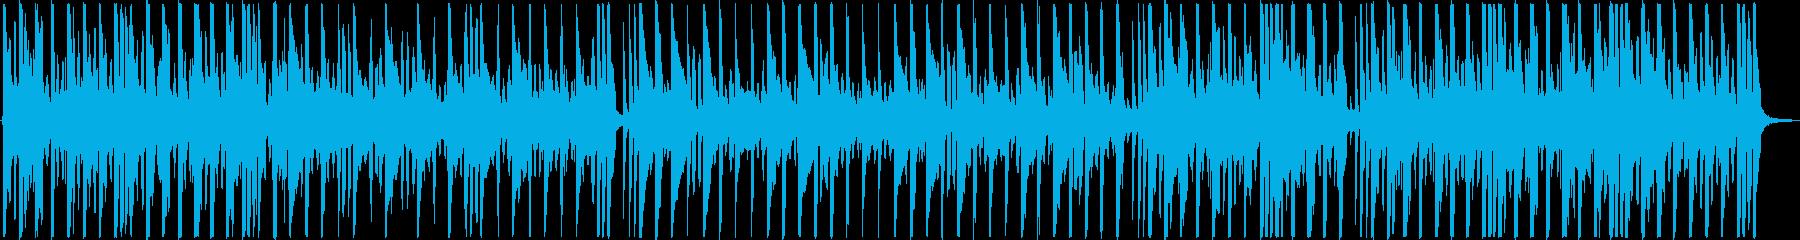 浮遊感のあるピアノが優しいほんわかワルツの再生済みの波形